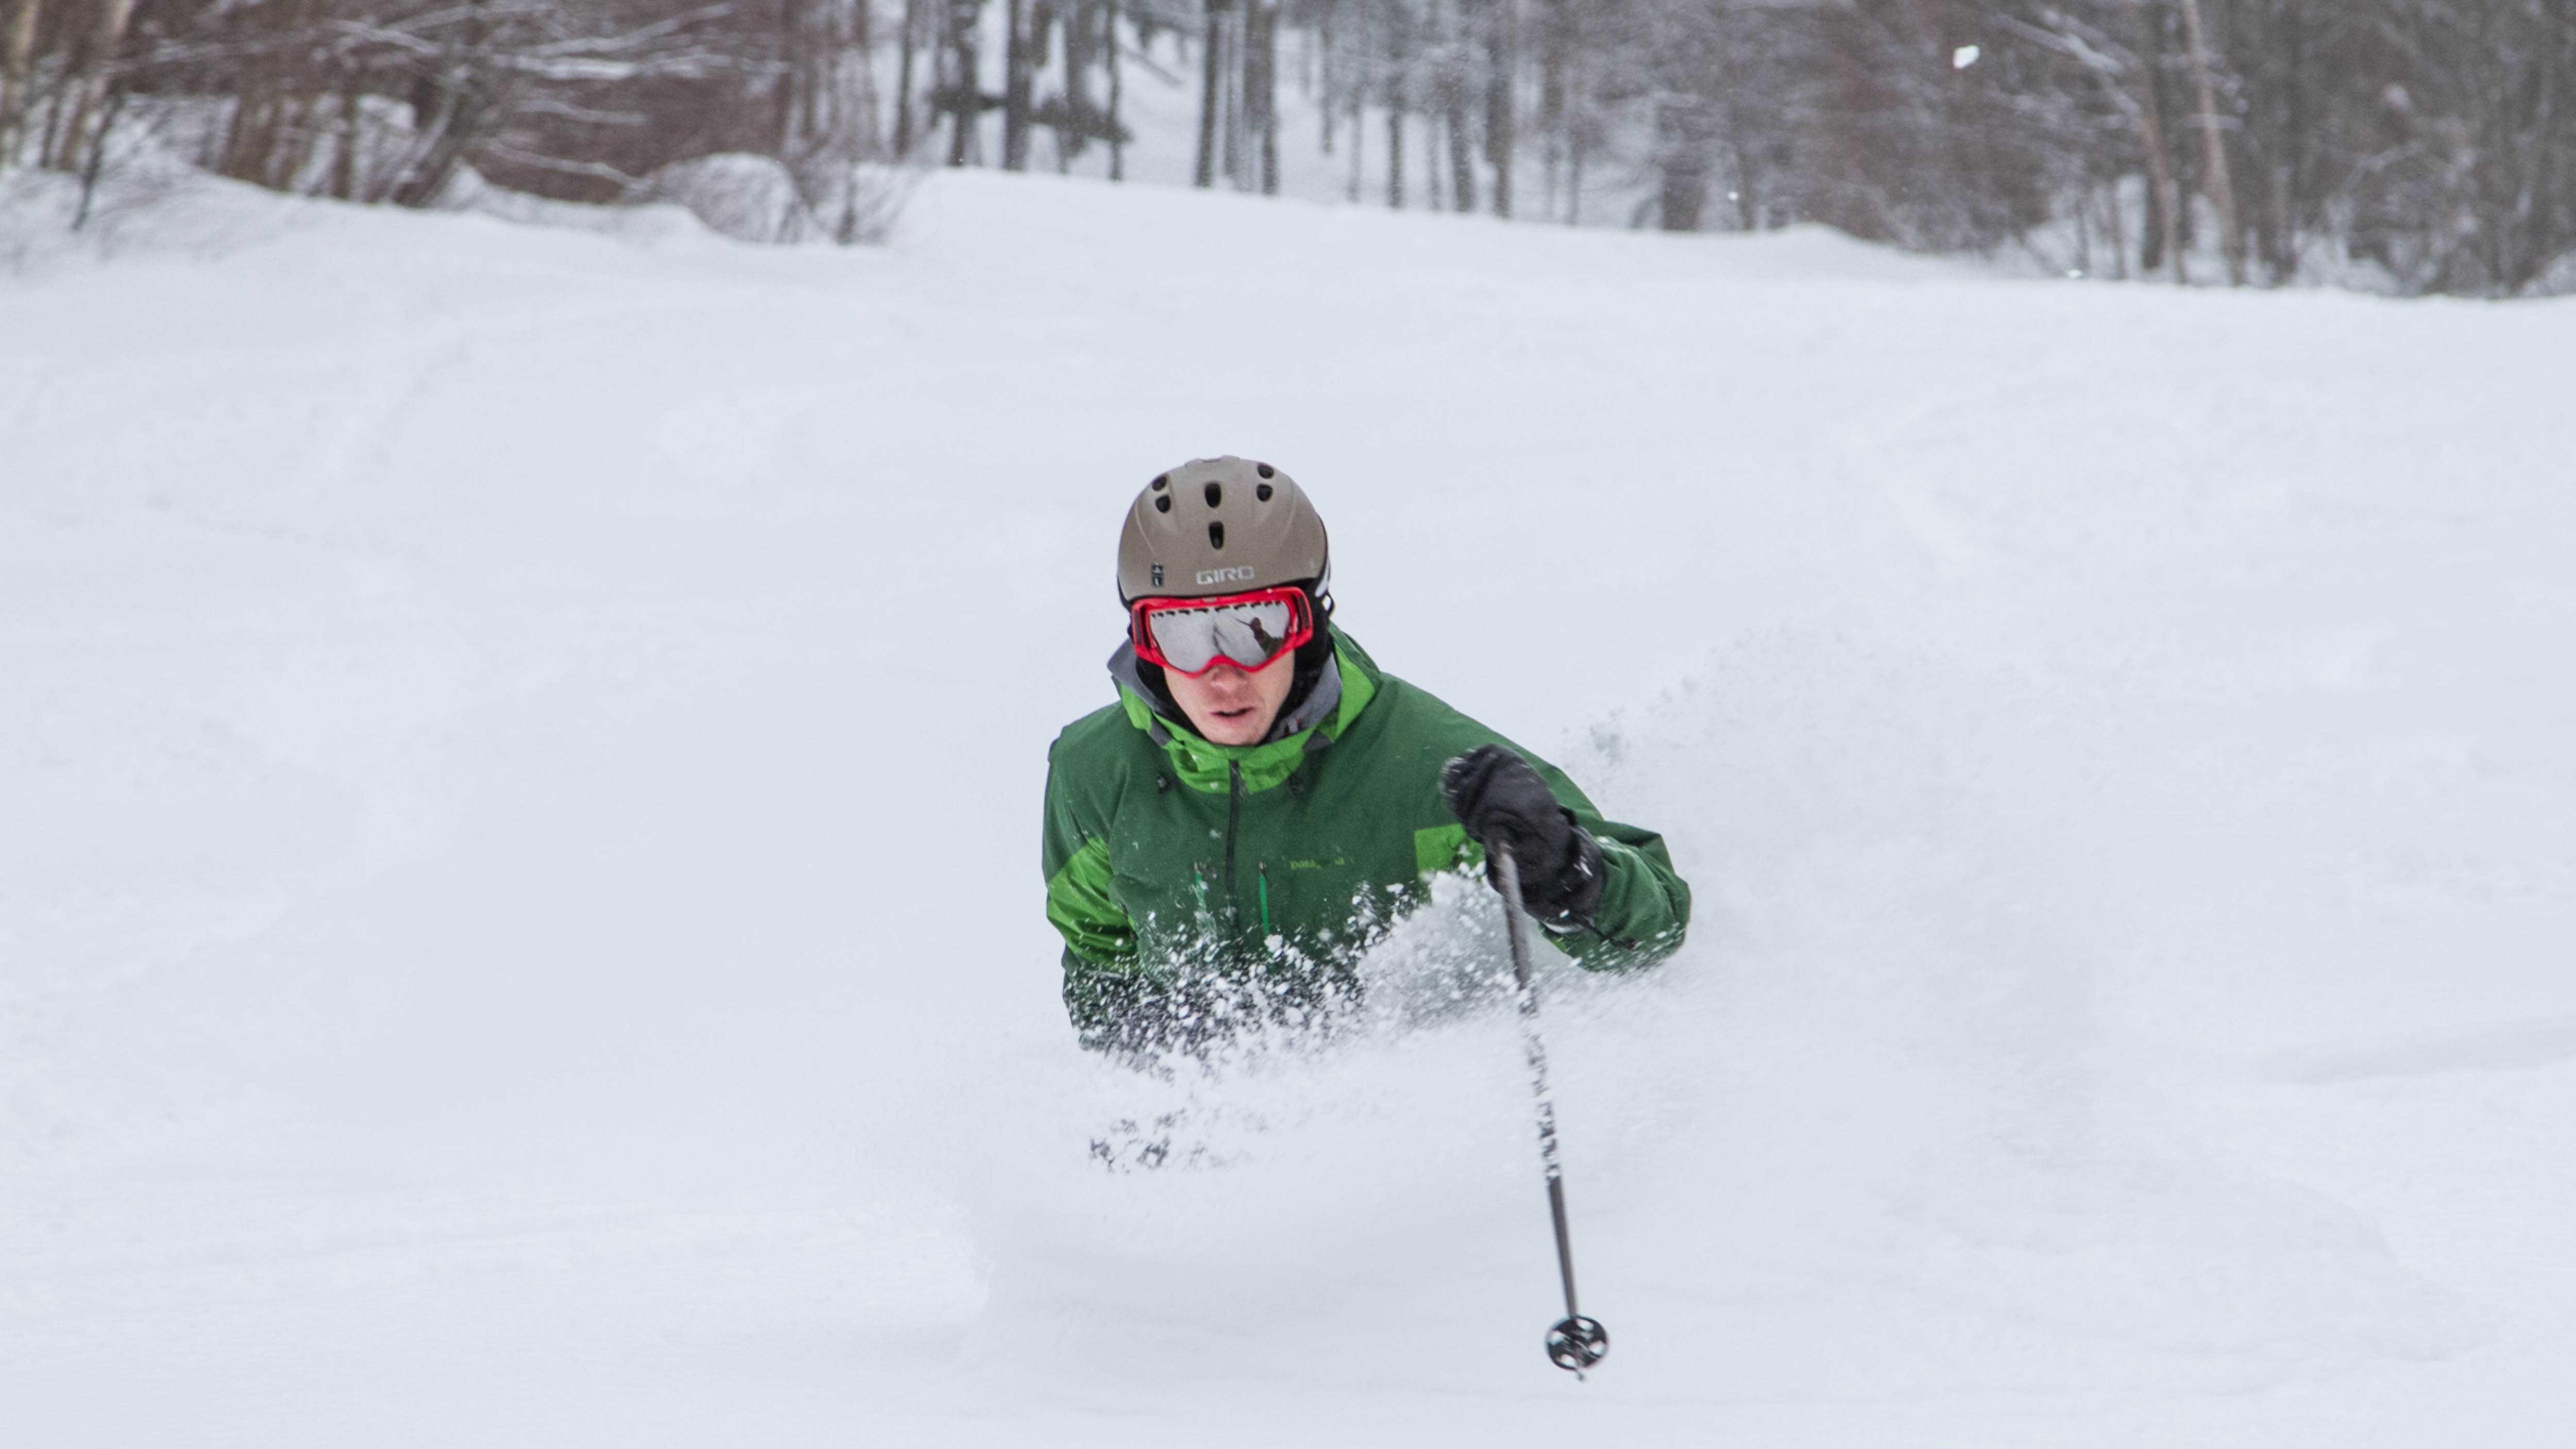 Loon Mountain skiing